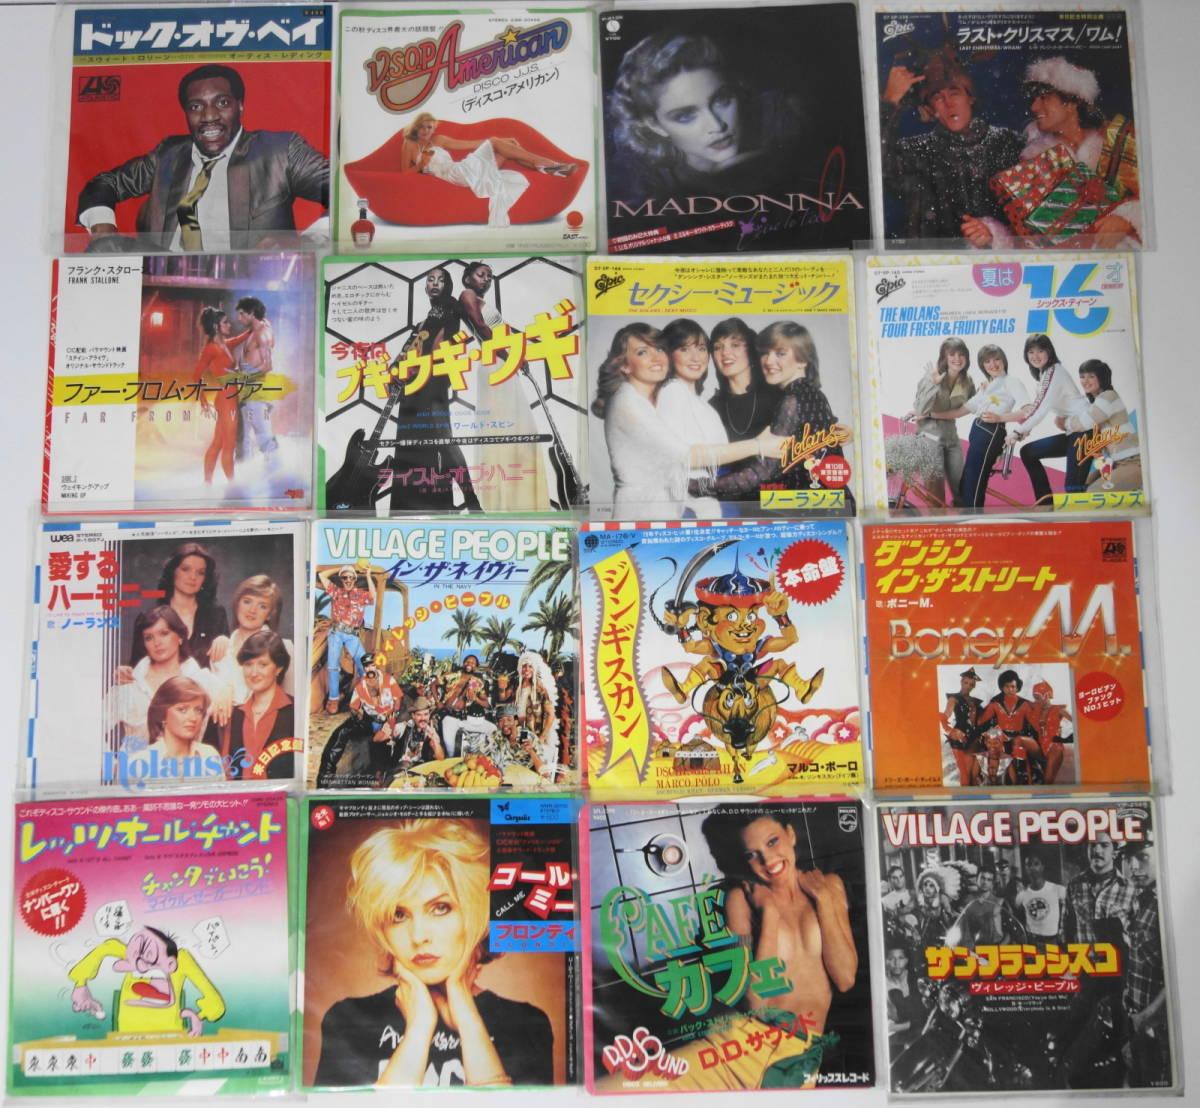 ディスコ ソウル レコード 80枚 LP32枚 EP48枚 レコード 大量セット アバ スティービーワンダー ワム マイケルジャクソン プラターズ_画像6